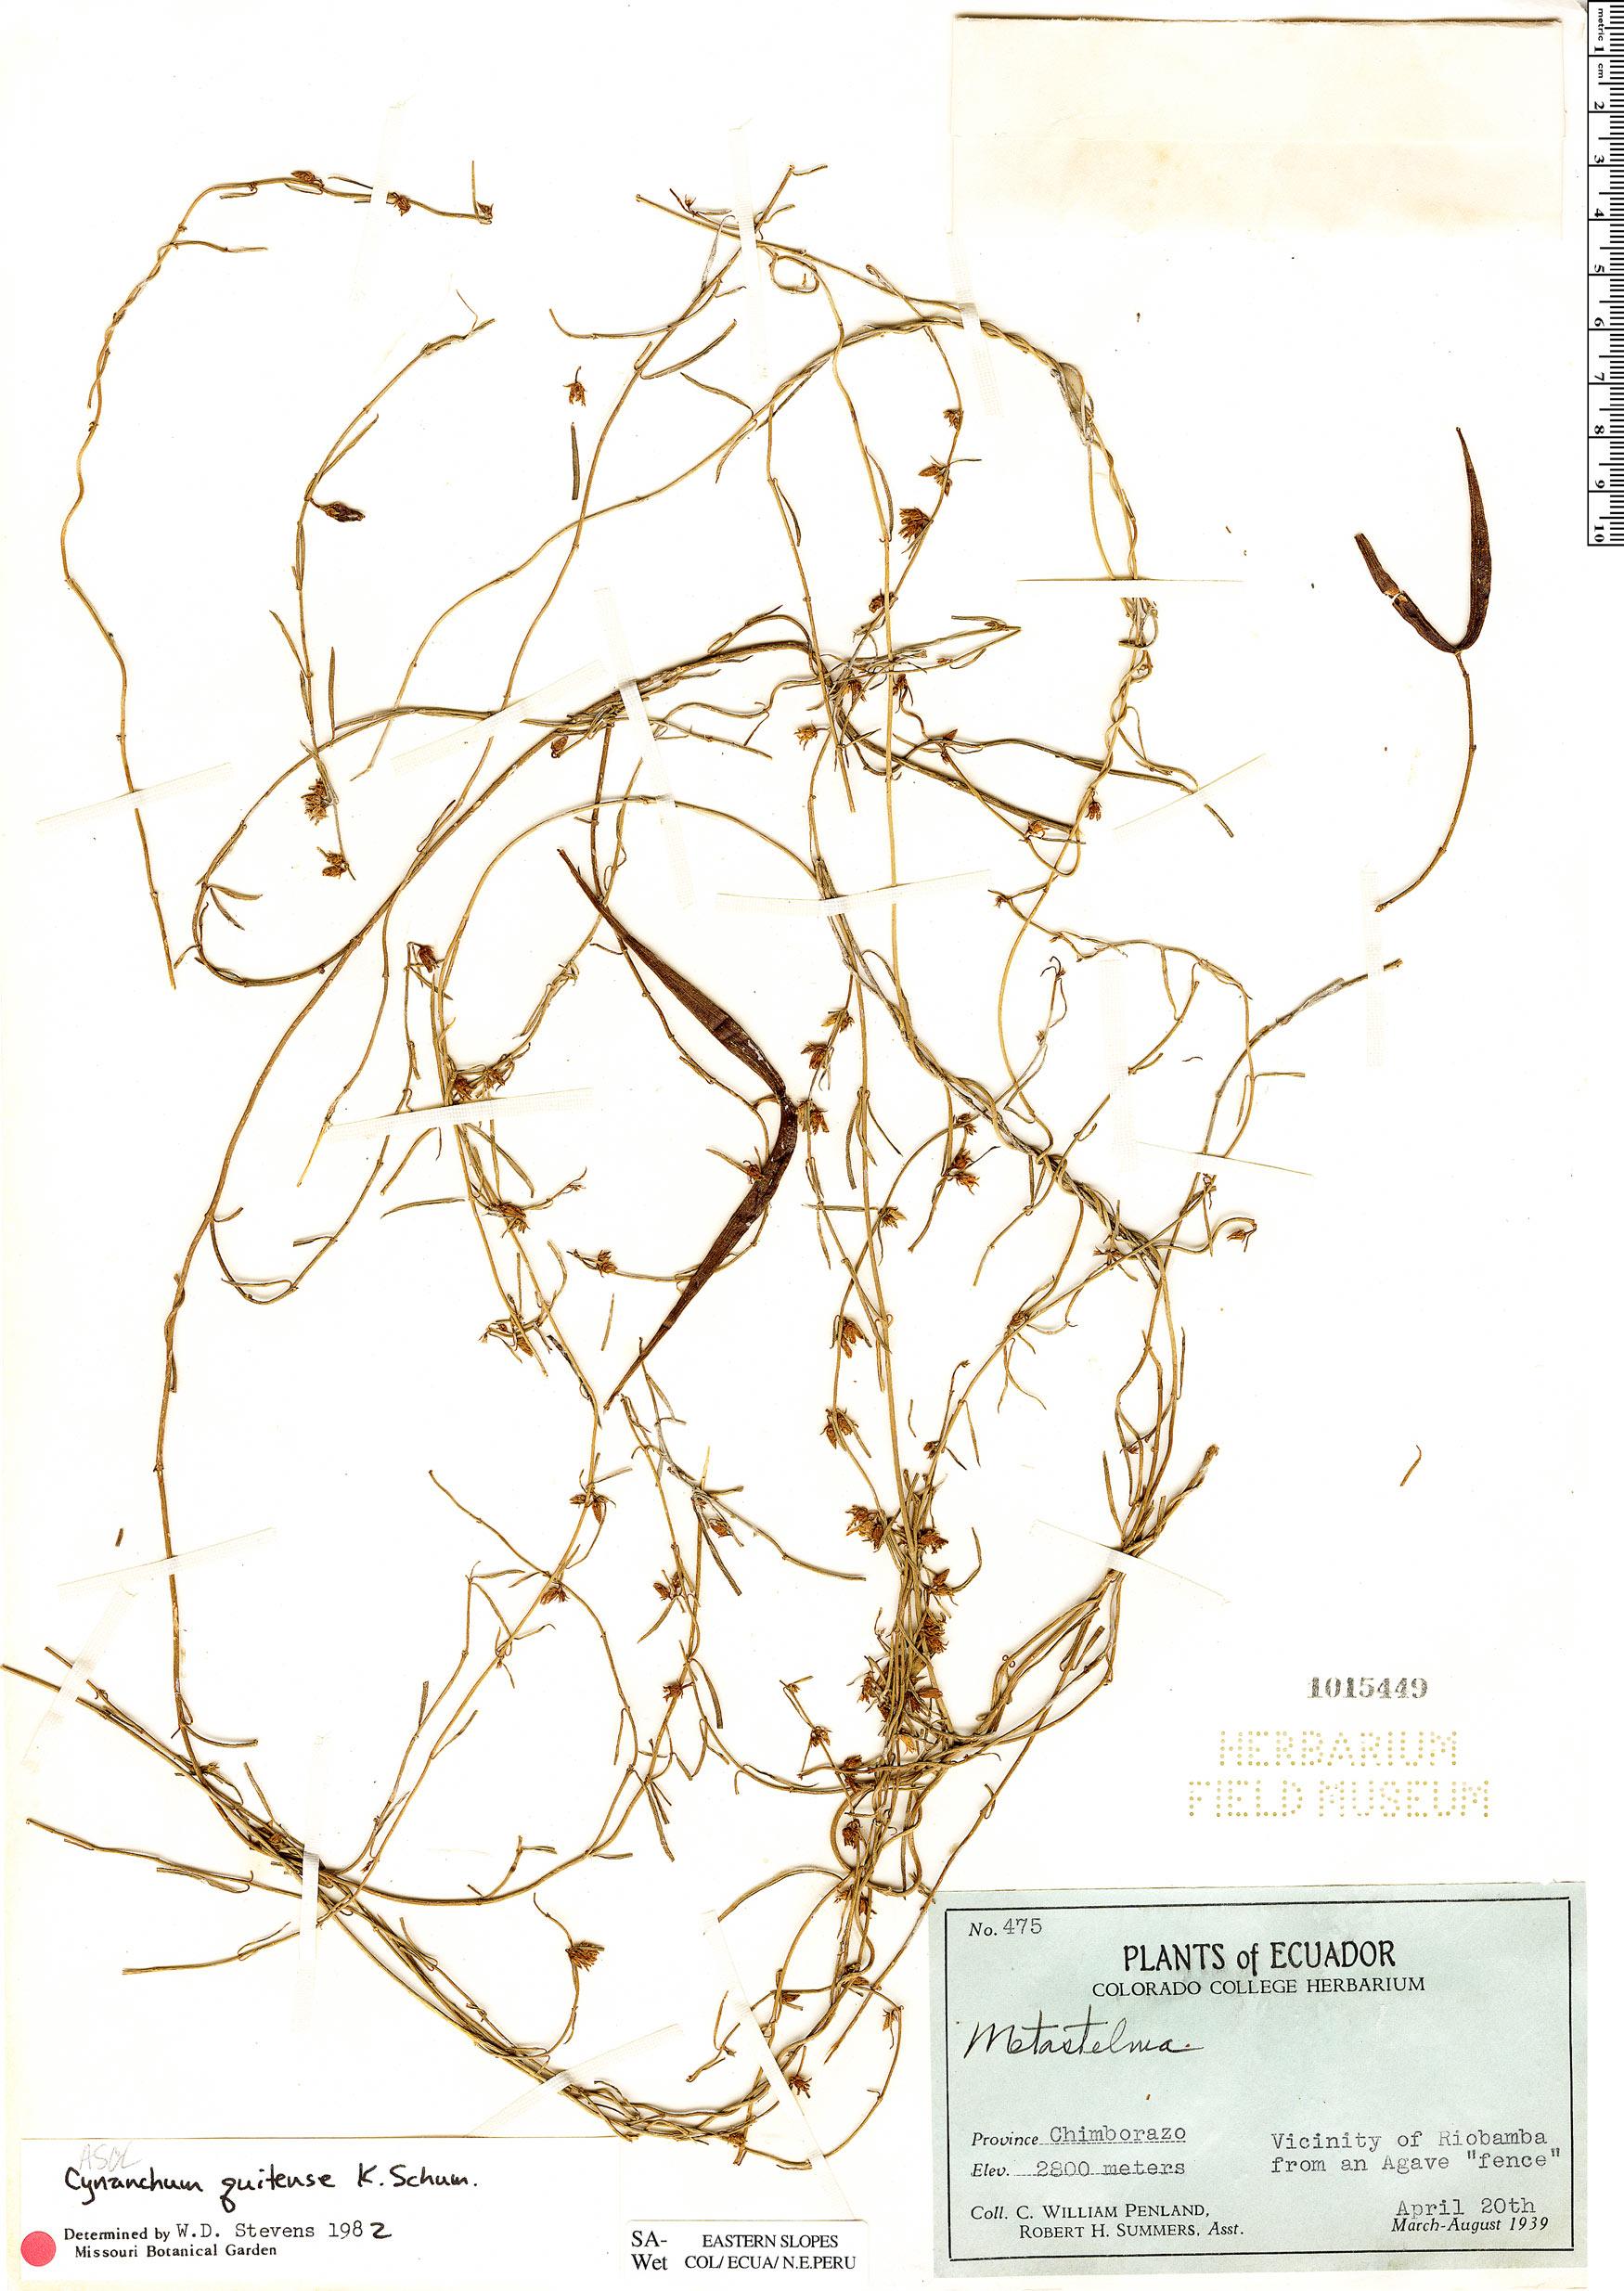 Specimen: Metastelma quitense